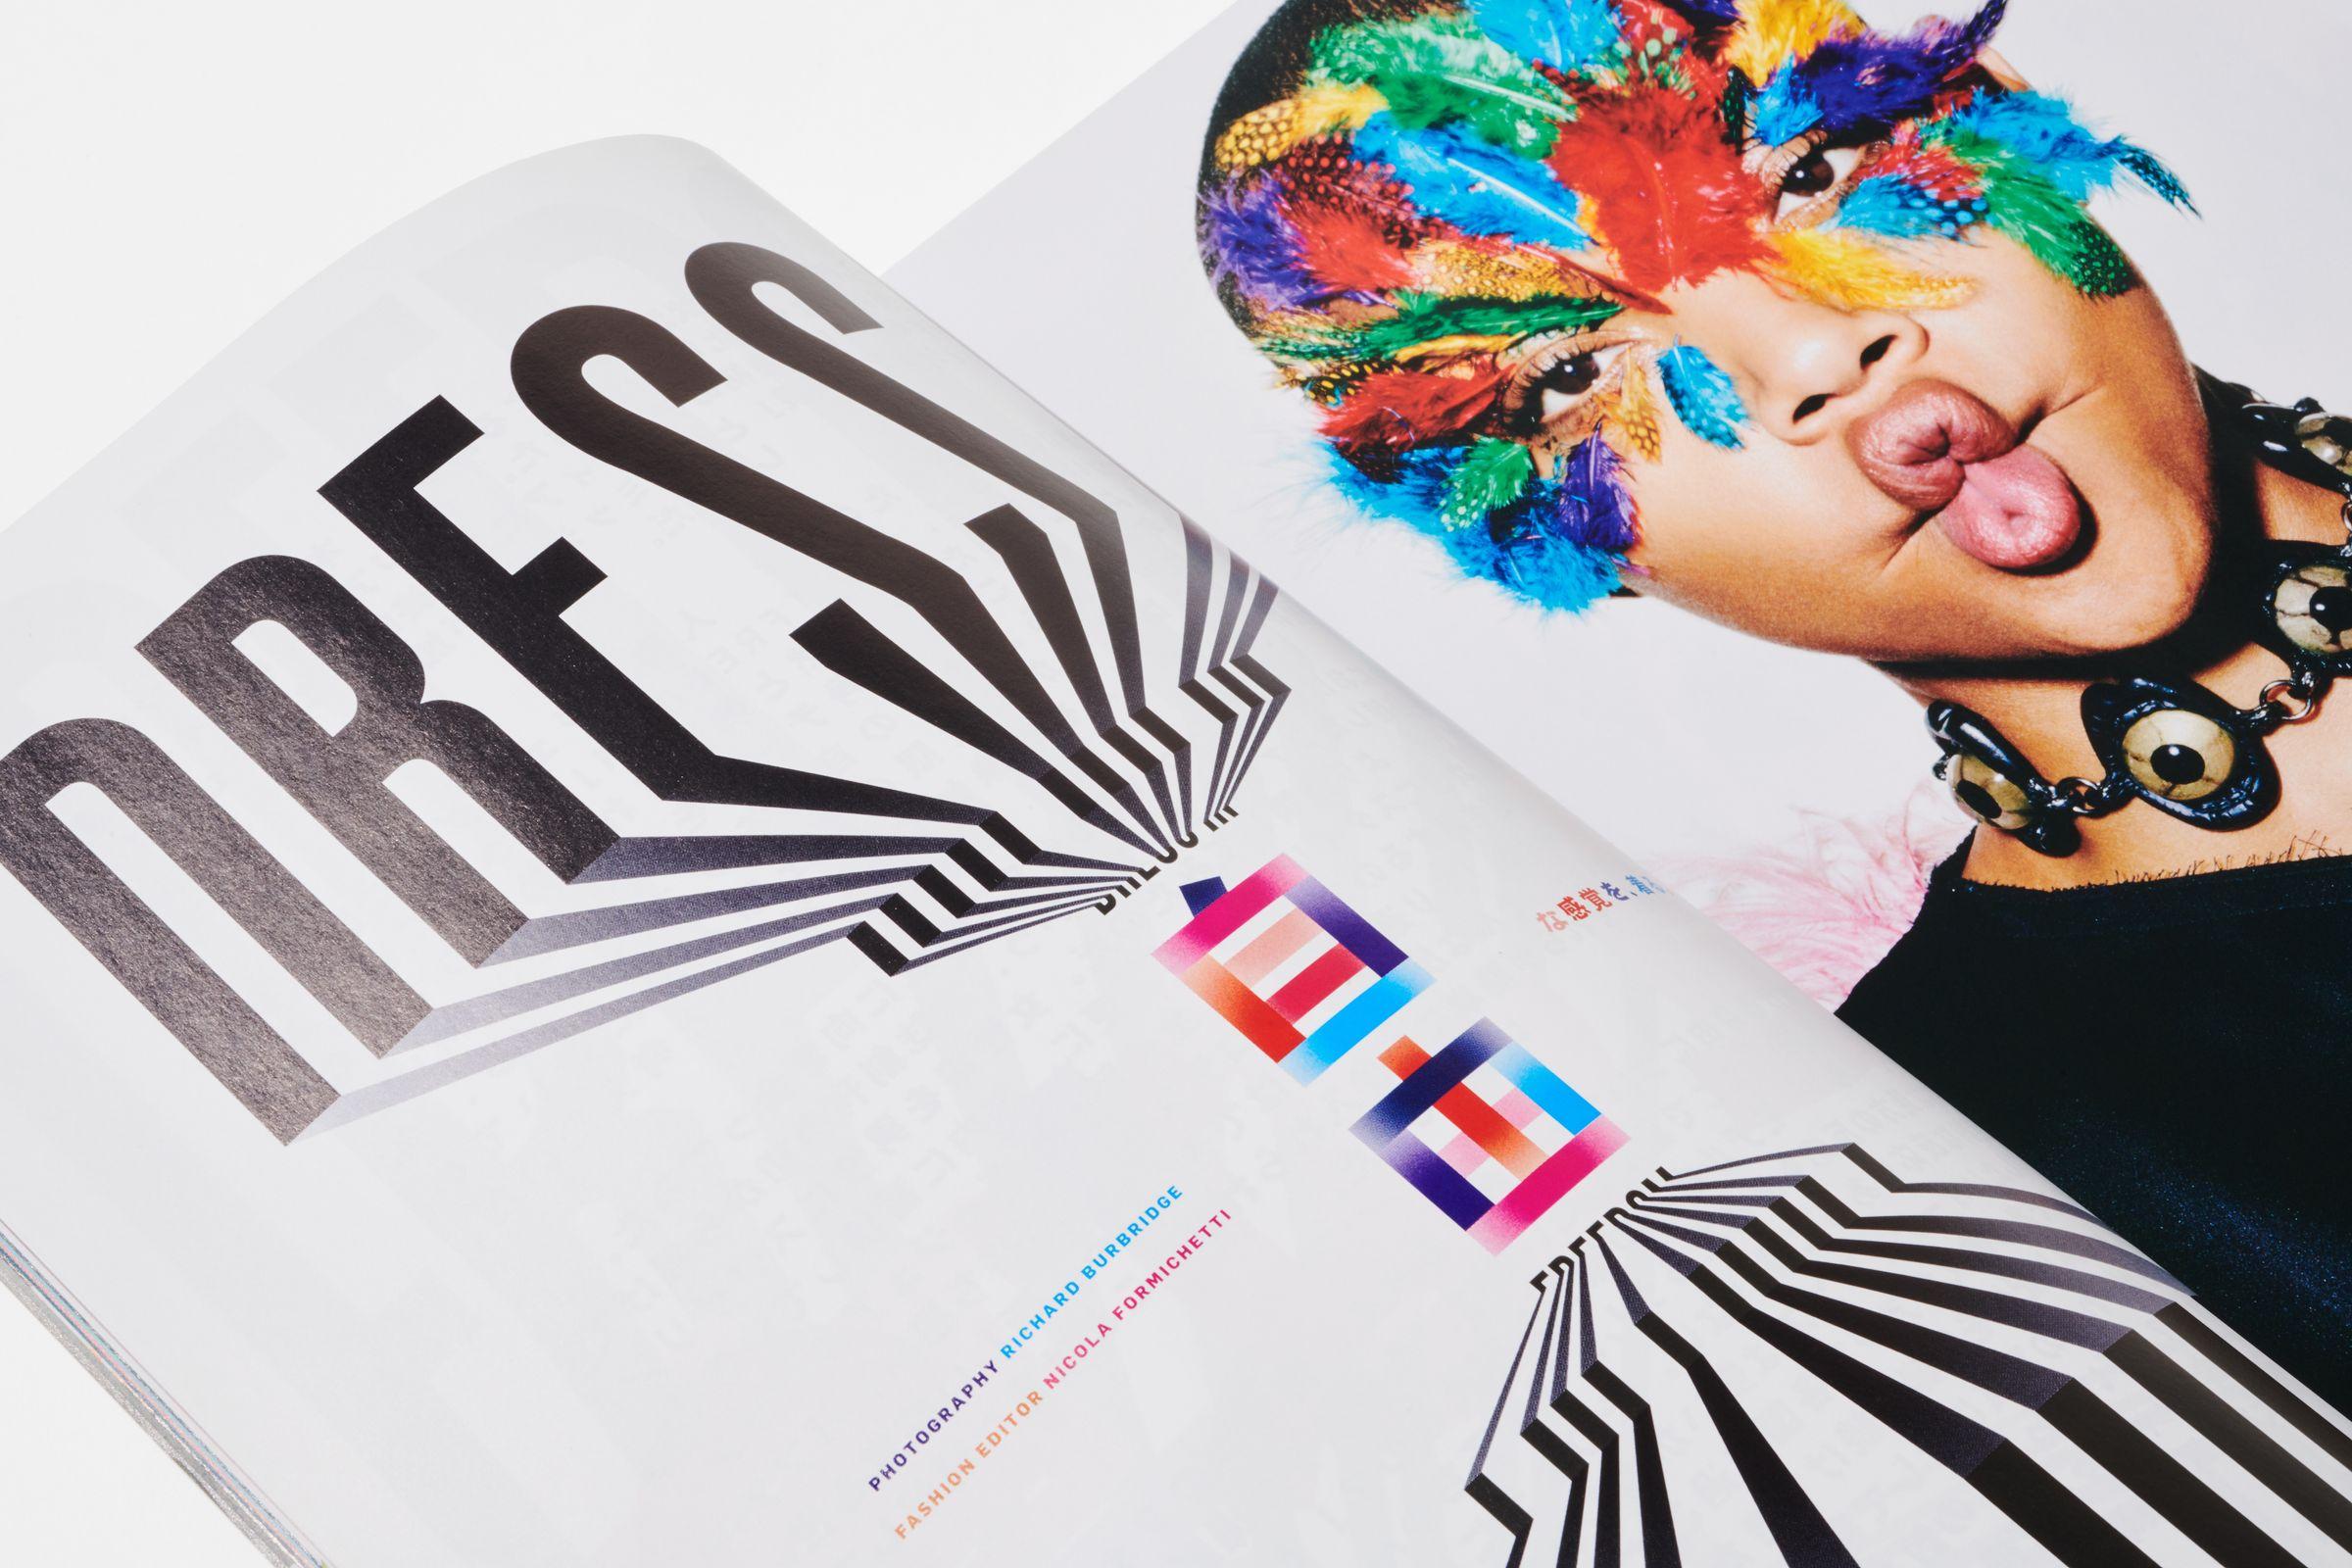 FREE Magazine spread design